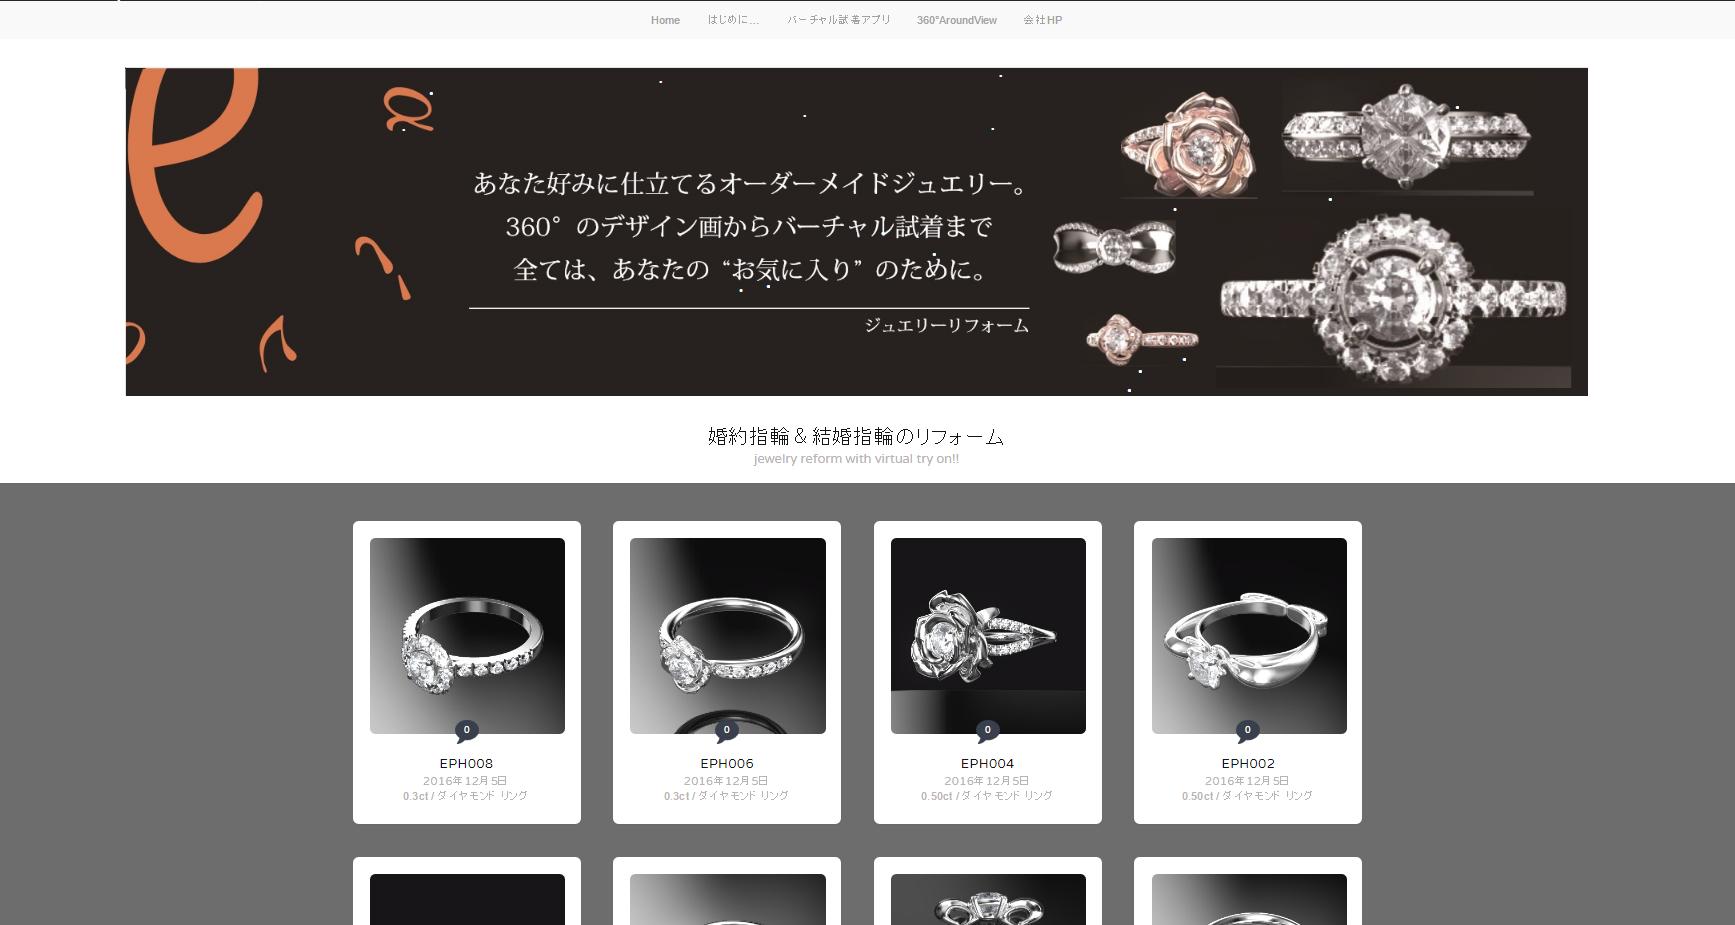 婚約指輪&結婚指輪のリフォーム